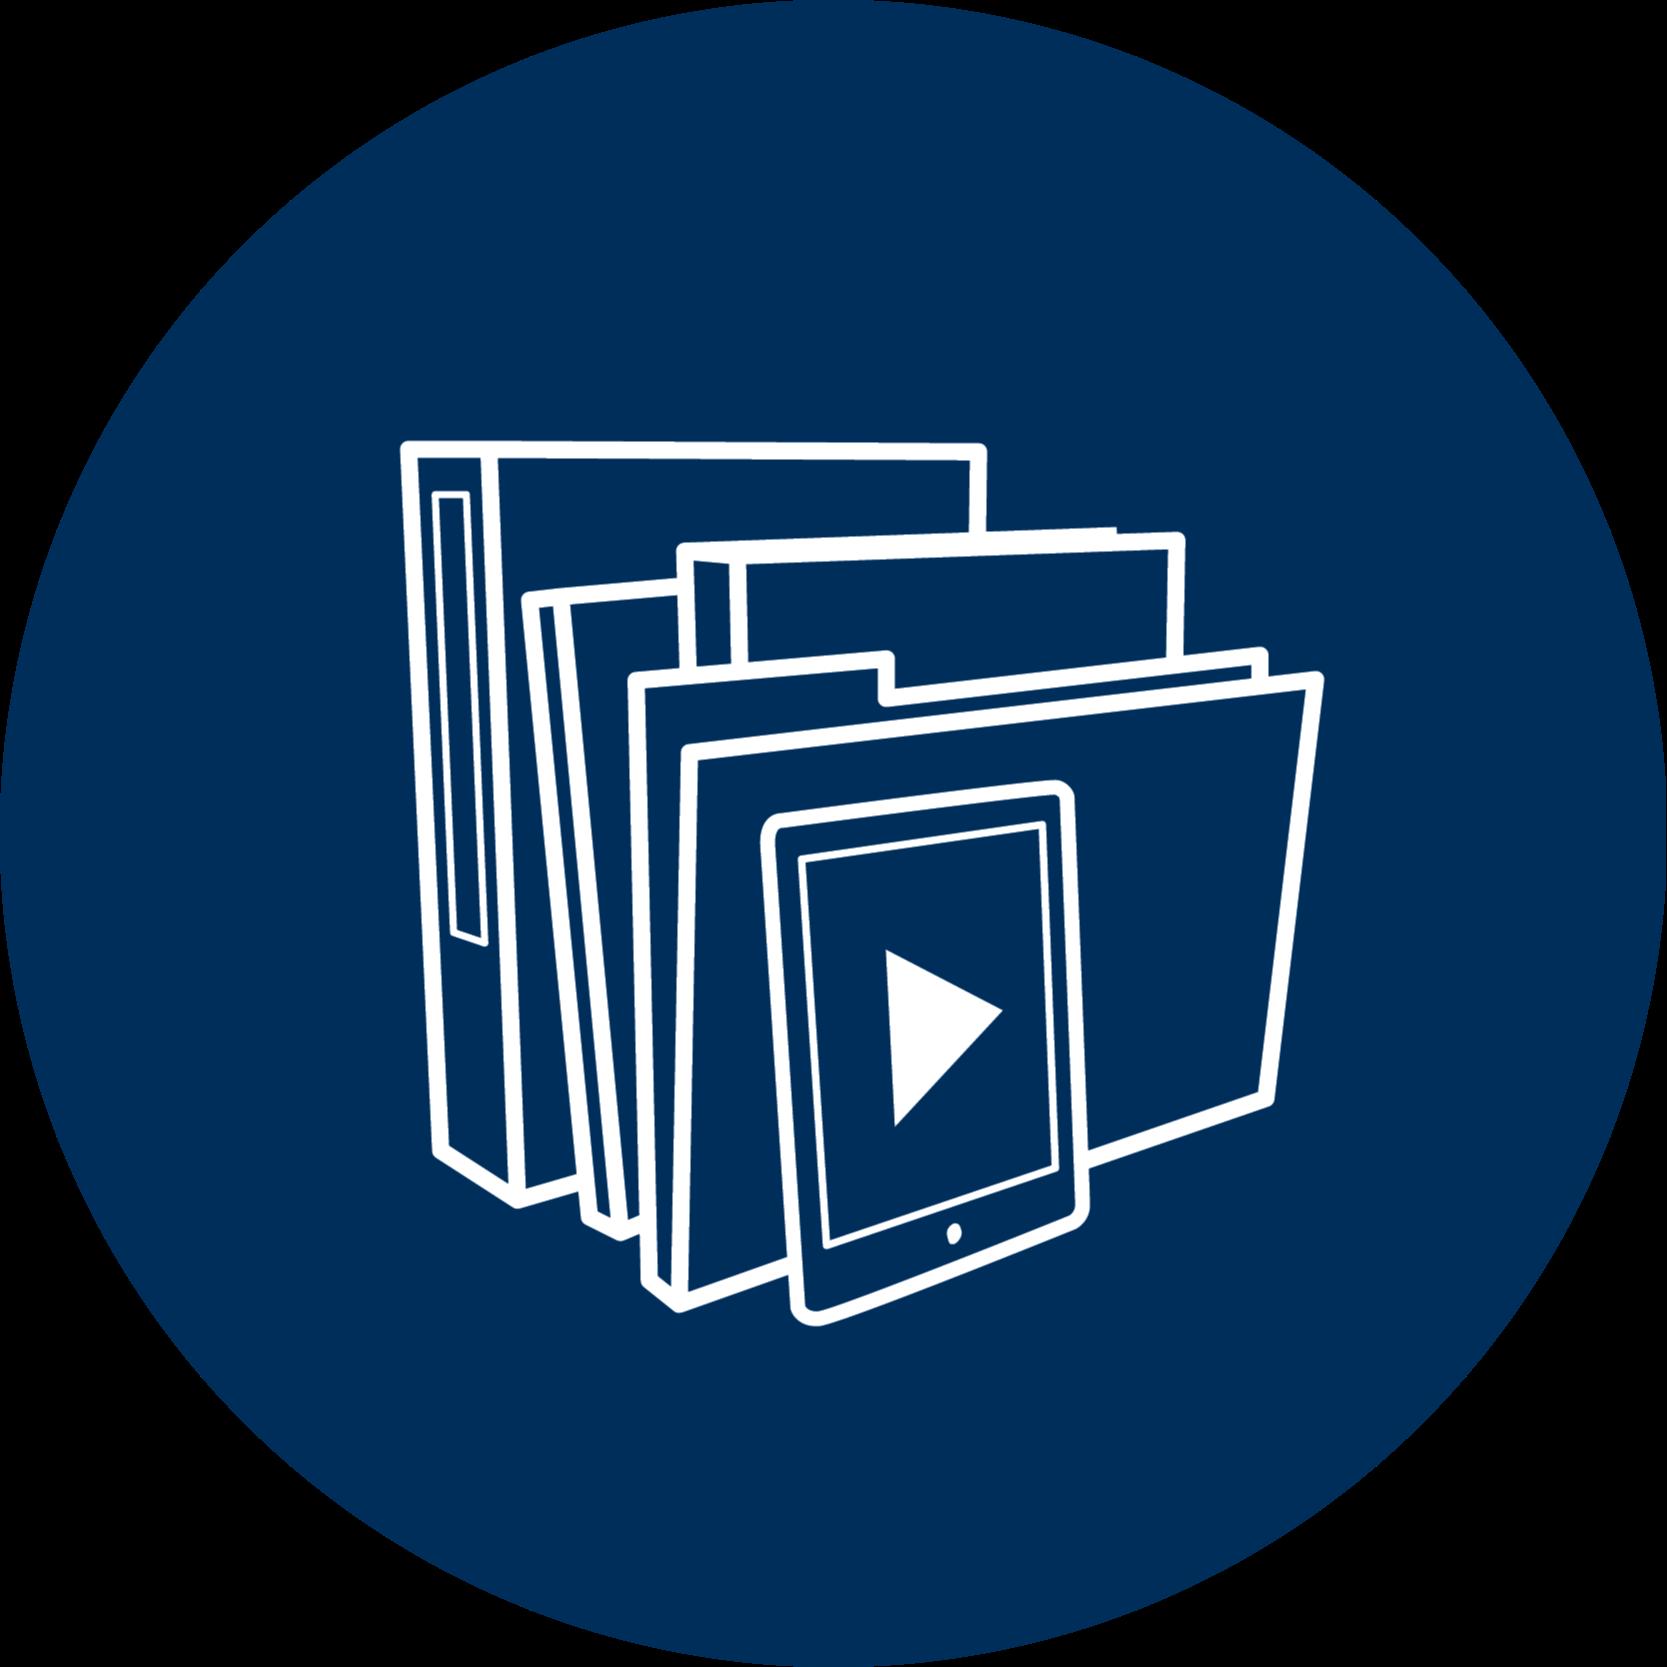 @bibliotecasmemoriais Profile Image | Linktree